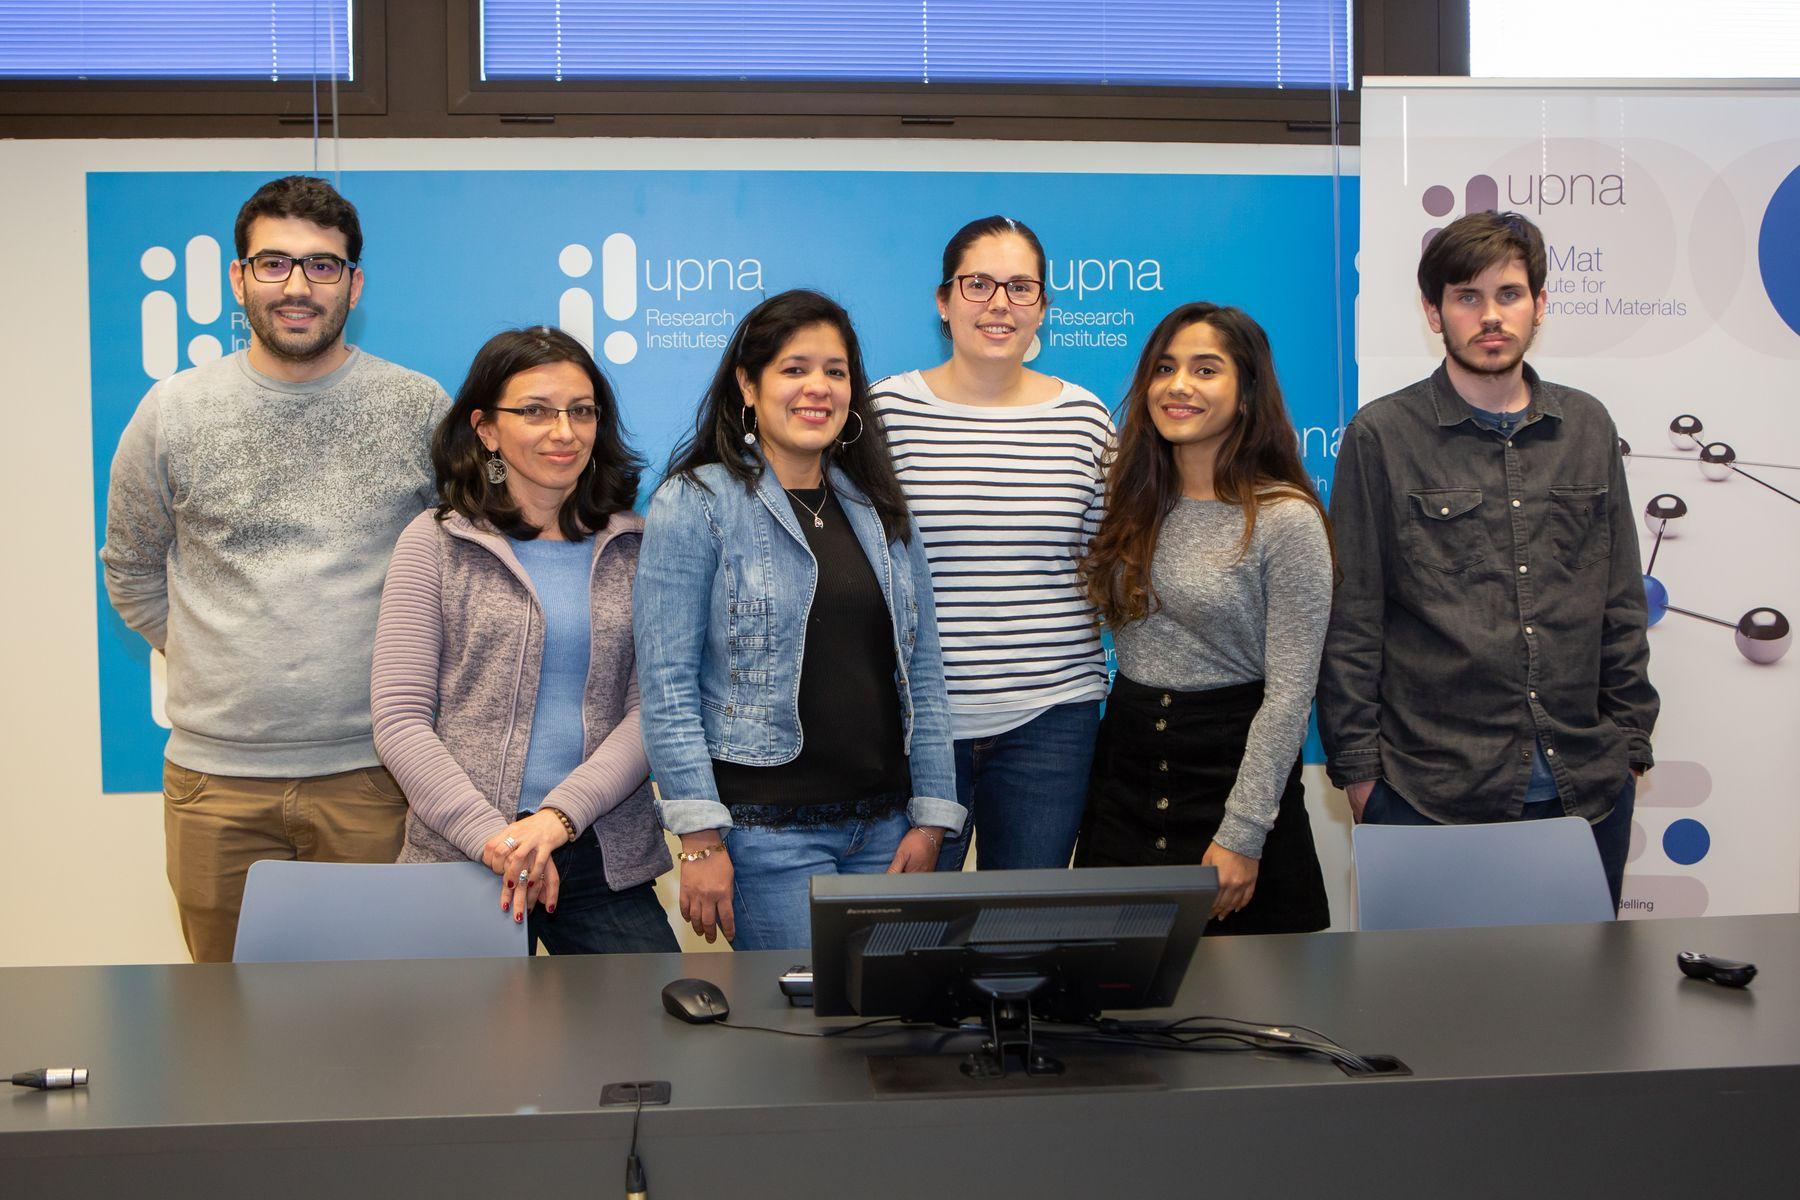 Estudiantes de doctorado del Instituto InaMat. De izq. a dcha.: Pablo Palacios, Luisa Fernanda Navarrete, Karina Hablich, Laura Cervera, Deepali Khanna y Guillermo Cruz.